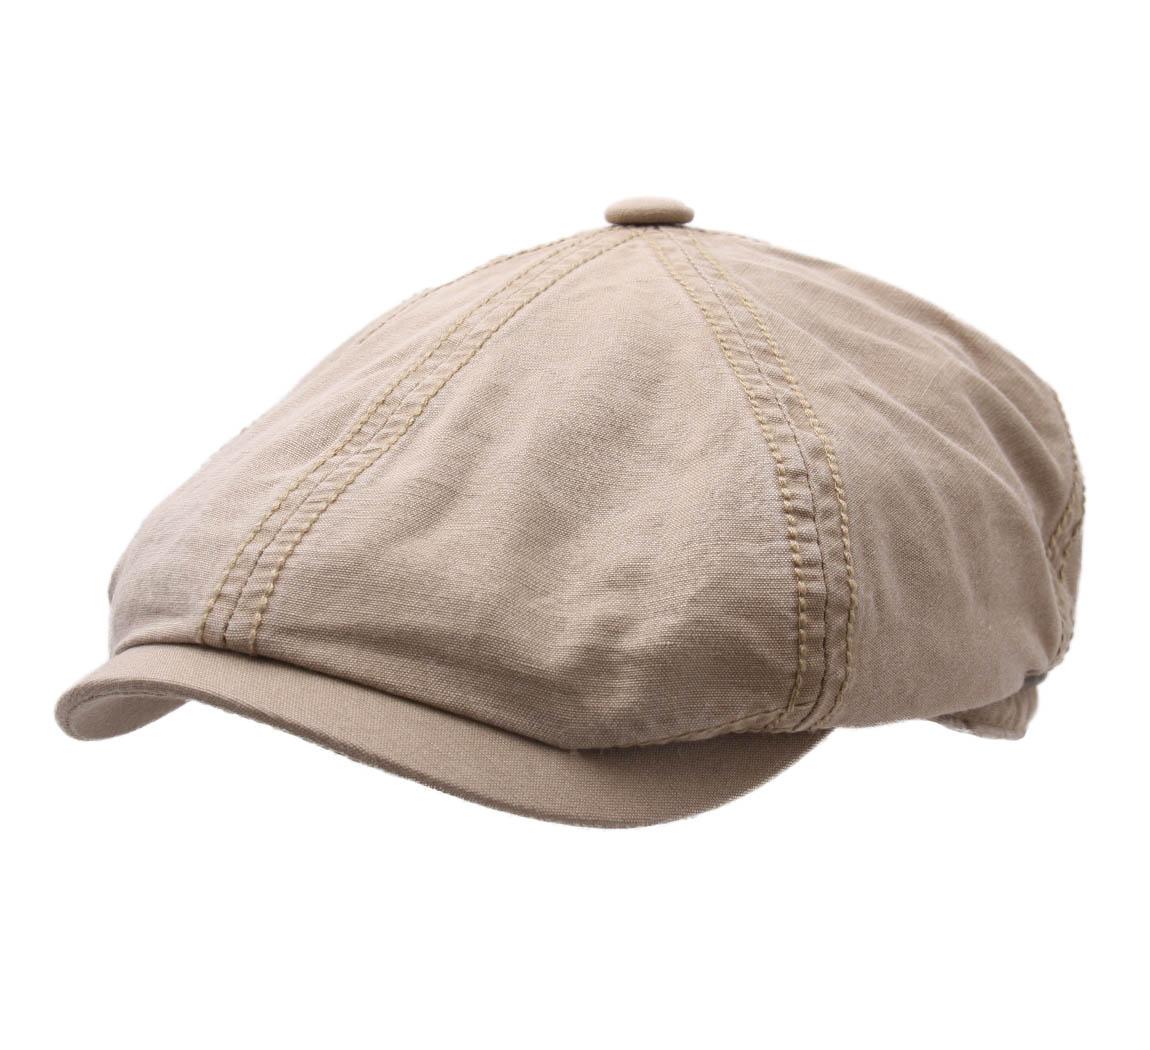 36a11c262ce Brooklin cotton linen - Caps Stetson